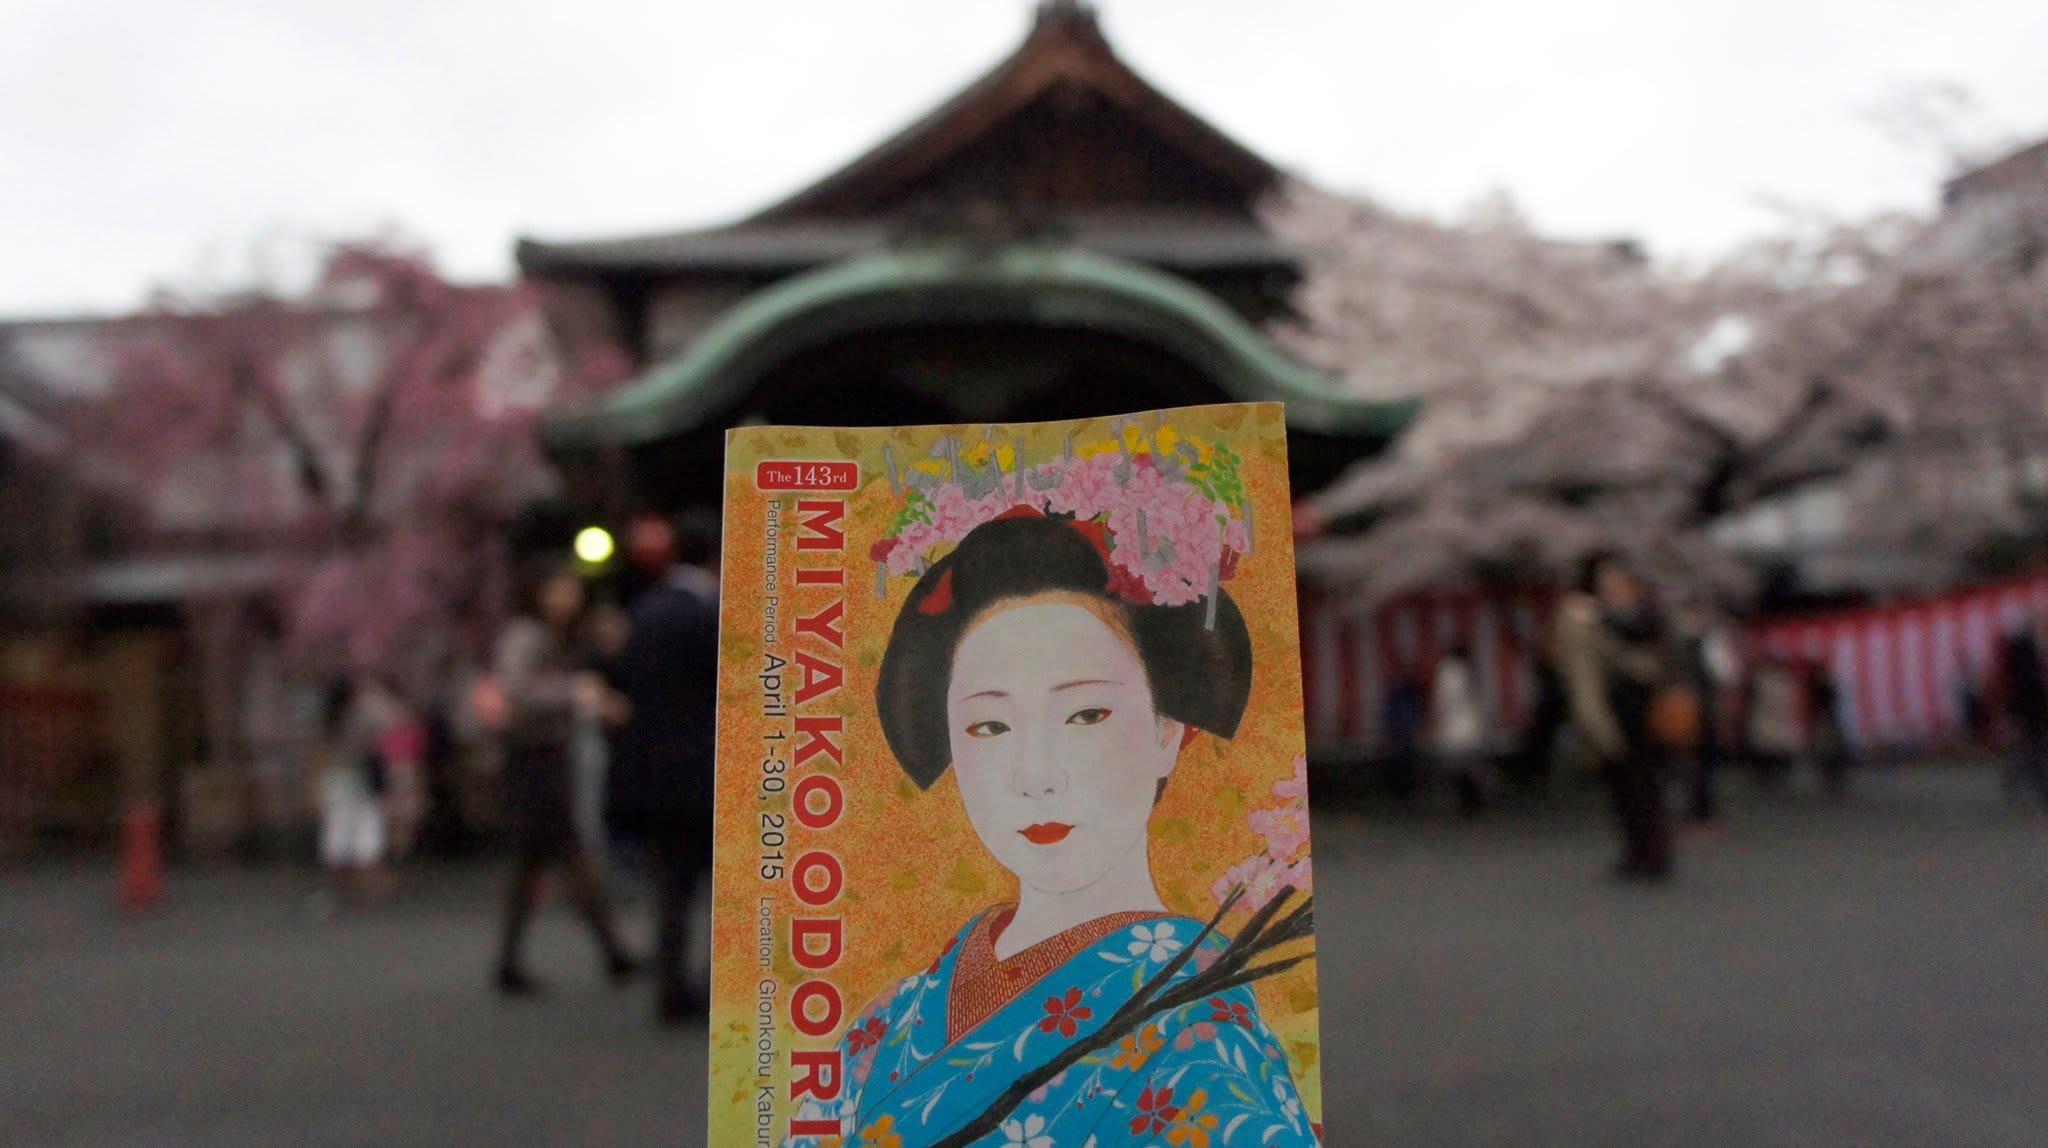 đừng quên xem miyako odori trong chuyến ngắm hoa anh đào